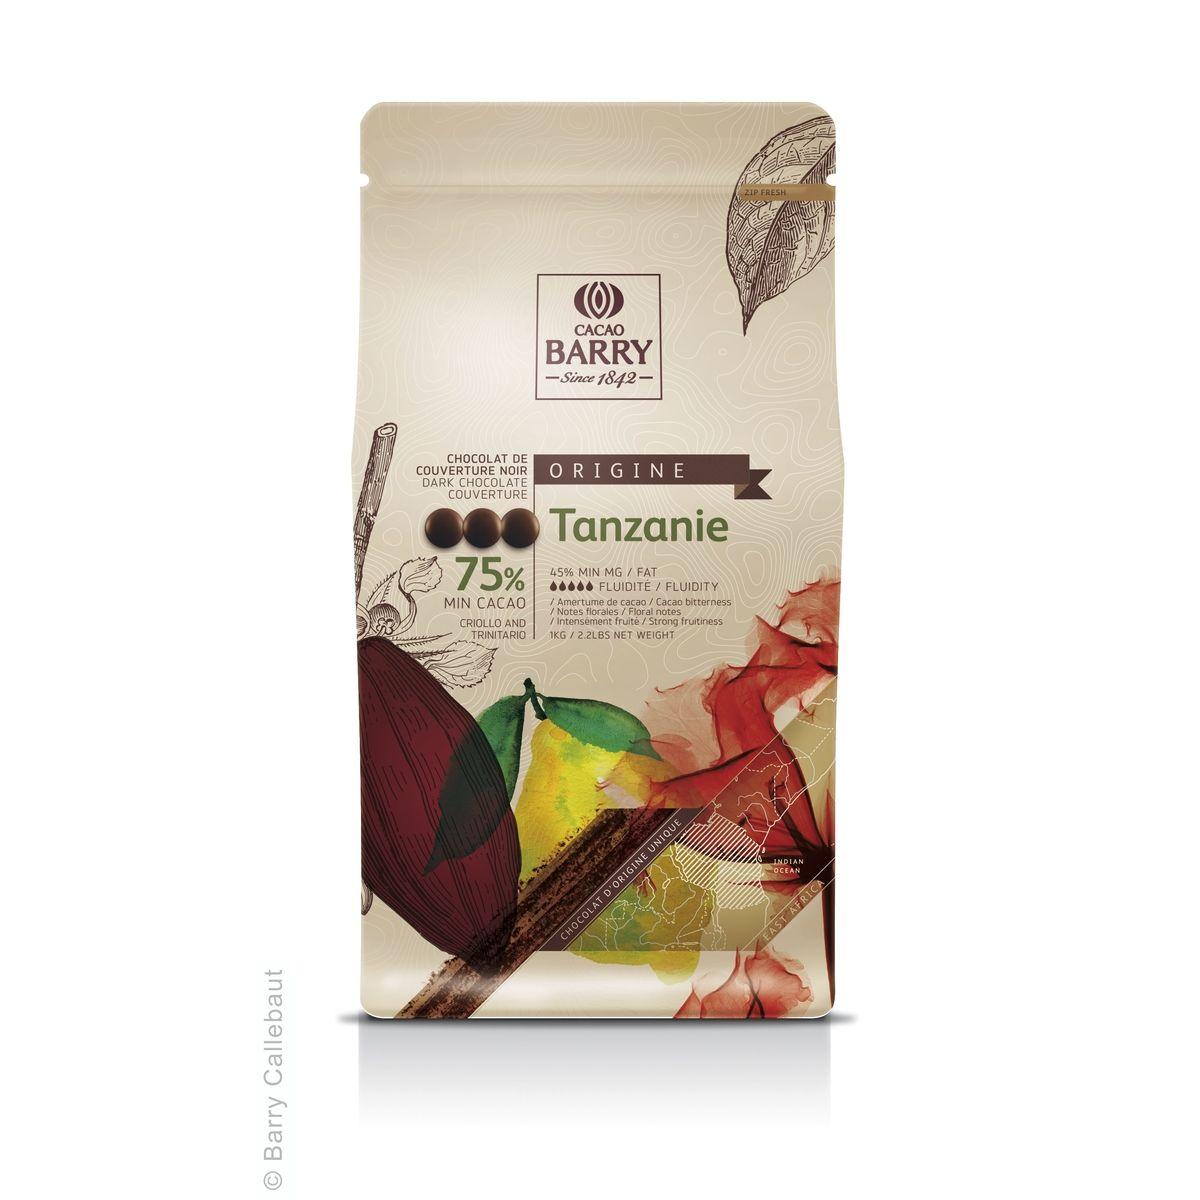 Chocolat de couverture noir Tanzanie 1kg - Barry